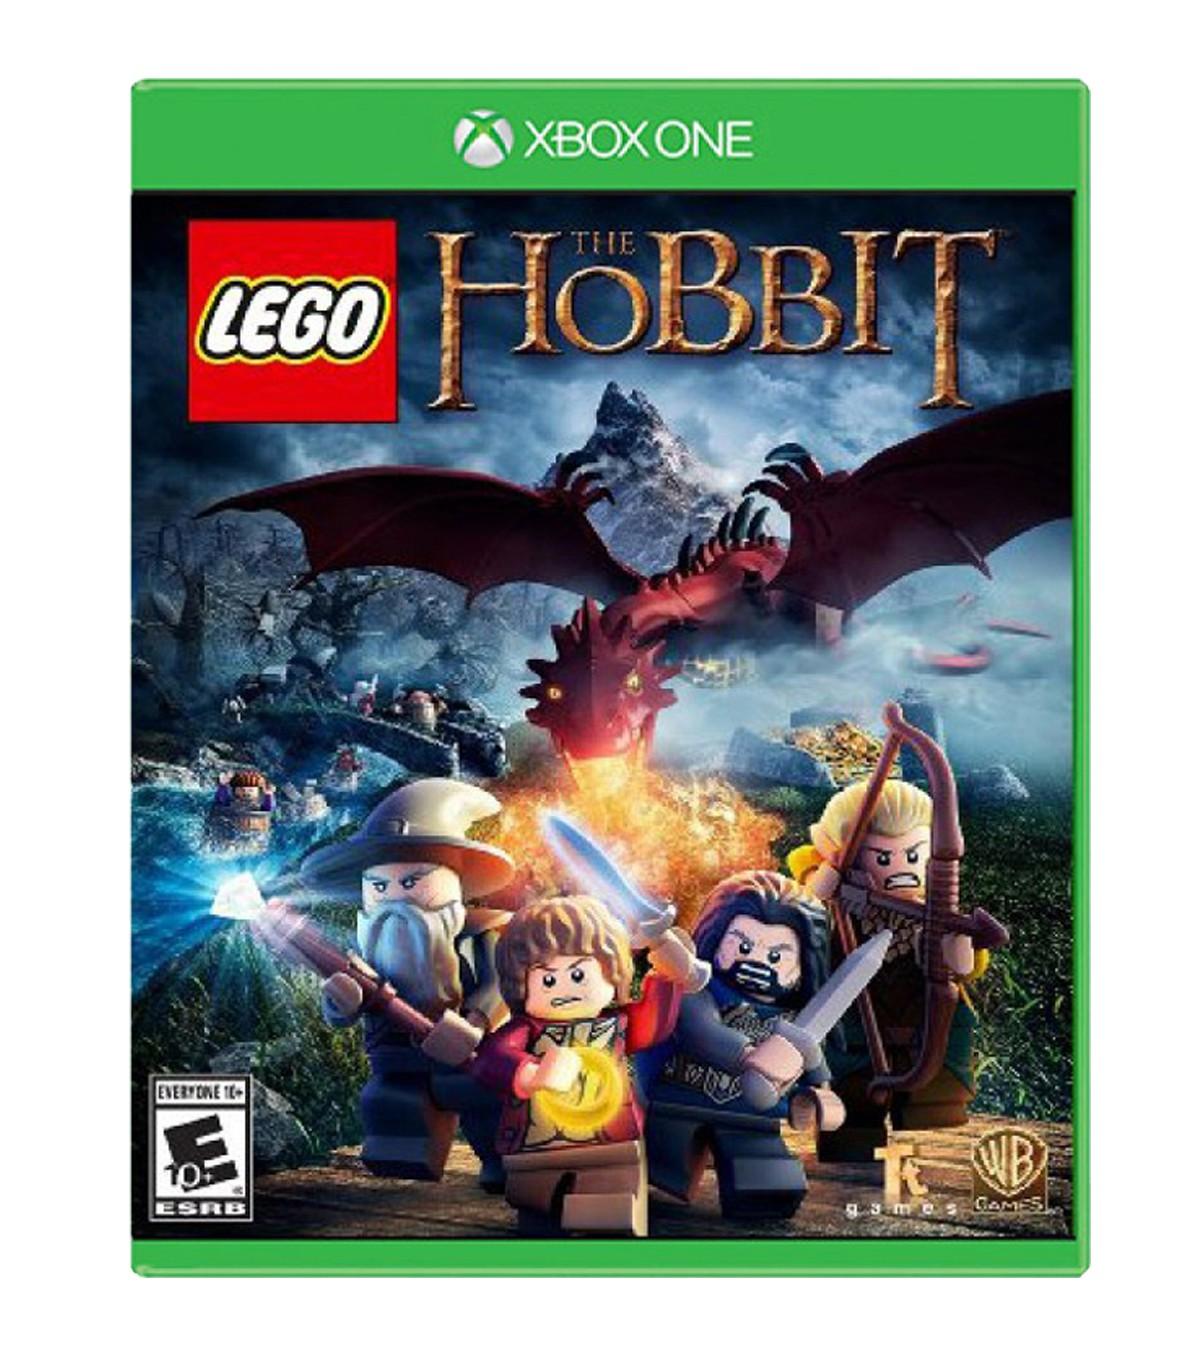 بازی LEGO The Hobbit - ایکس باکس وان